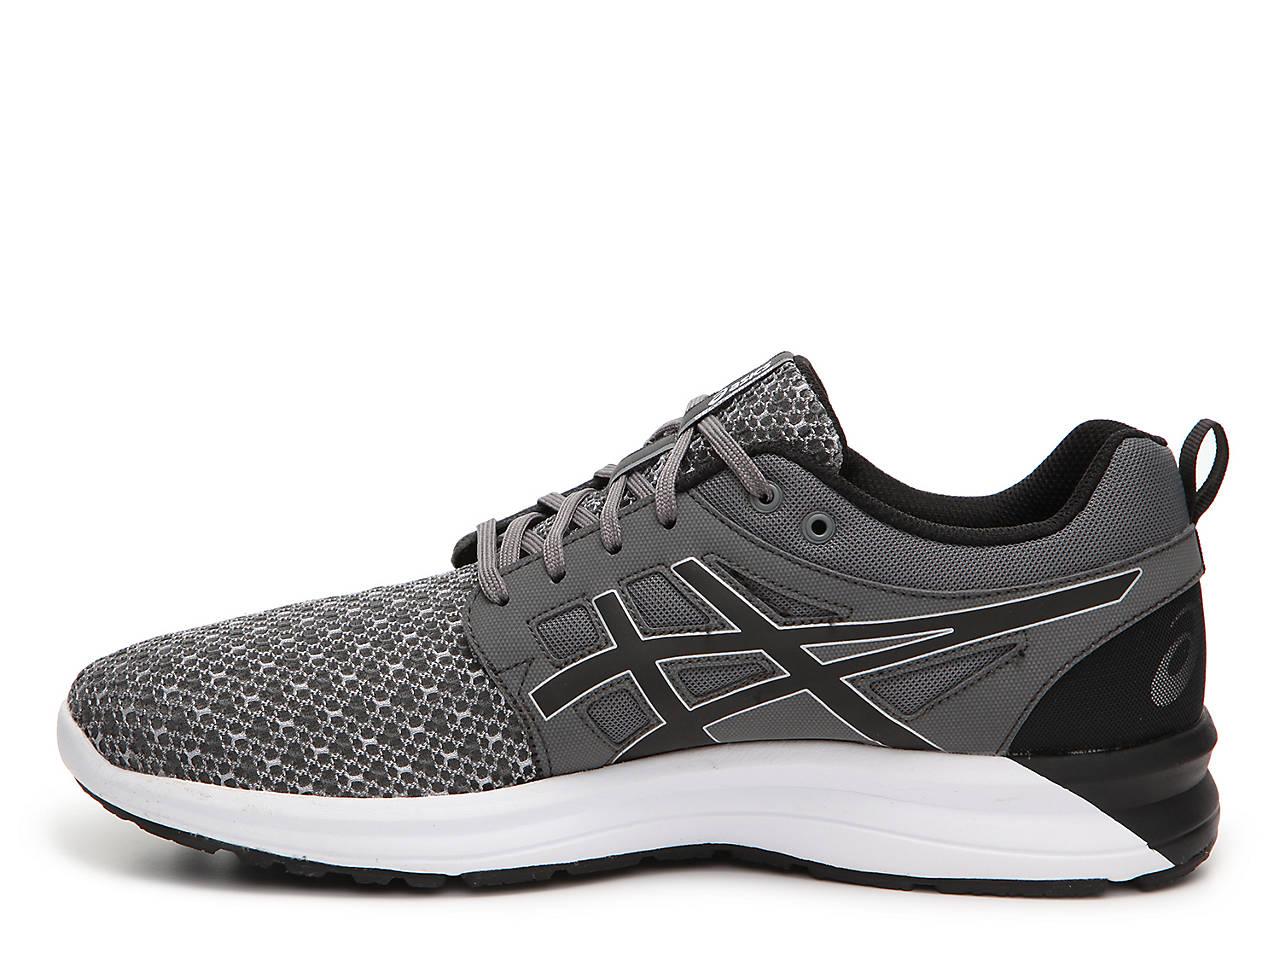 2e0e93247b35 ASICS GEL-Torrance Lightweight Running Shoe - Men s Men s Shoes